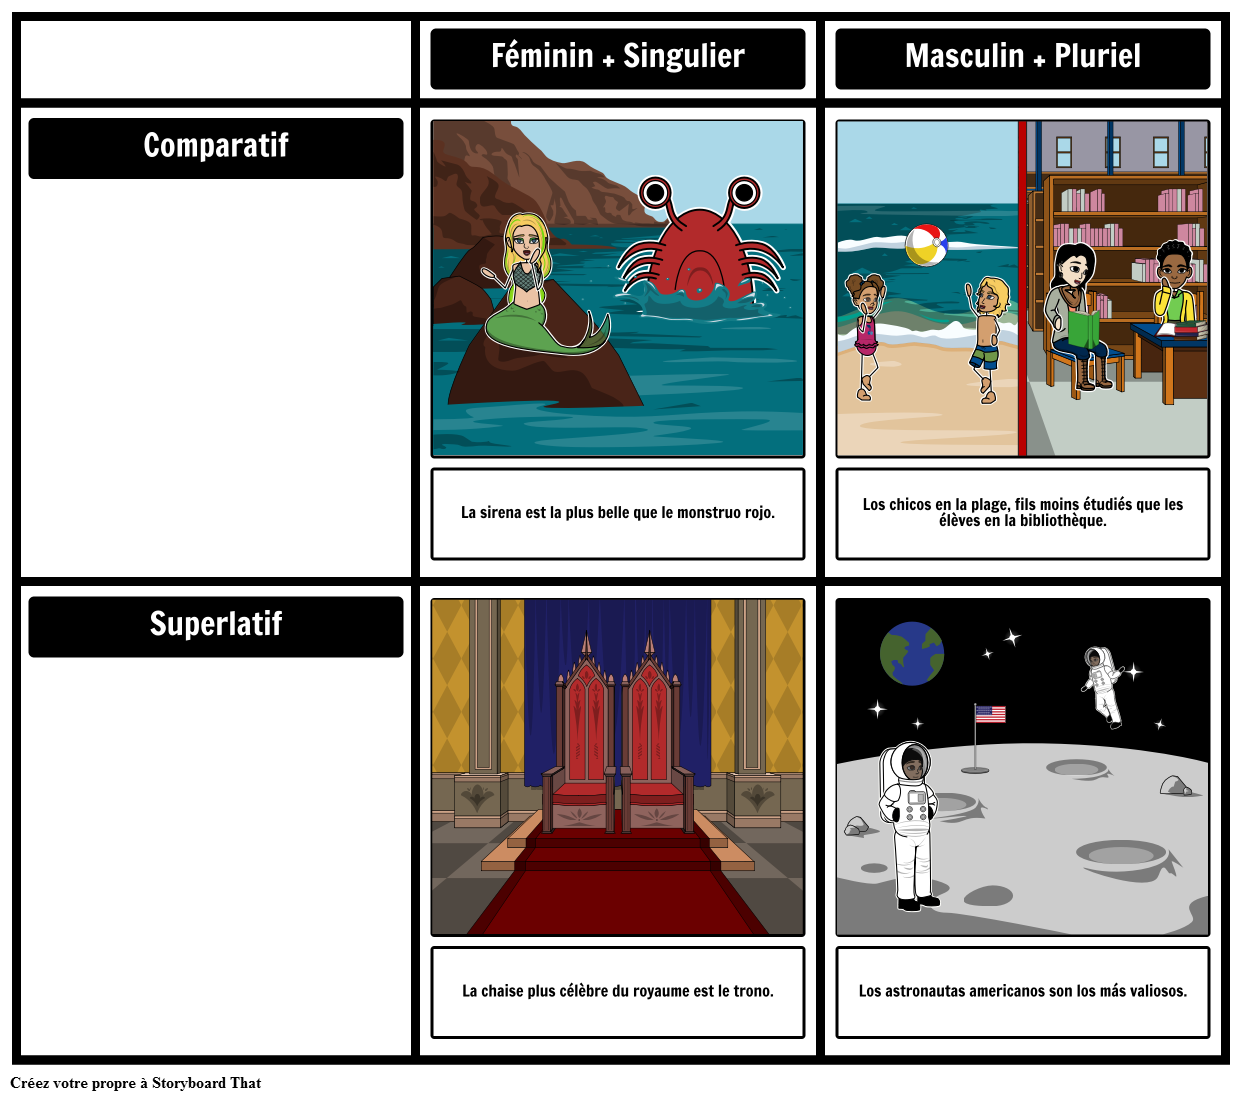 adjectifs espagnols comparatifs et superlatifs apprentissage visuel. Black Bedroom Furniture Sets. Home Design Ideas